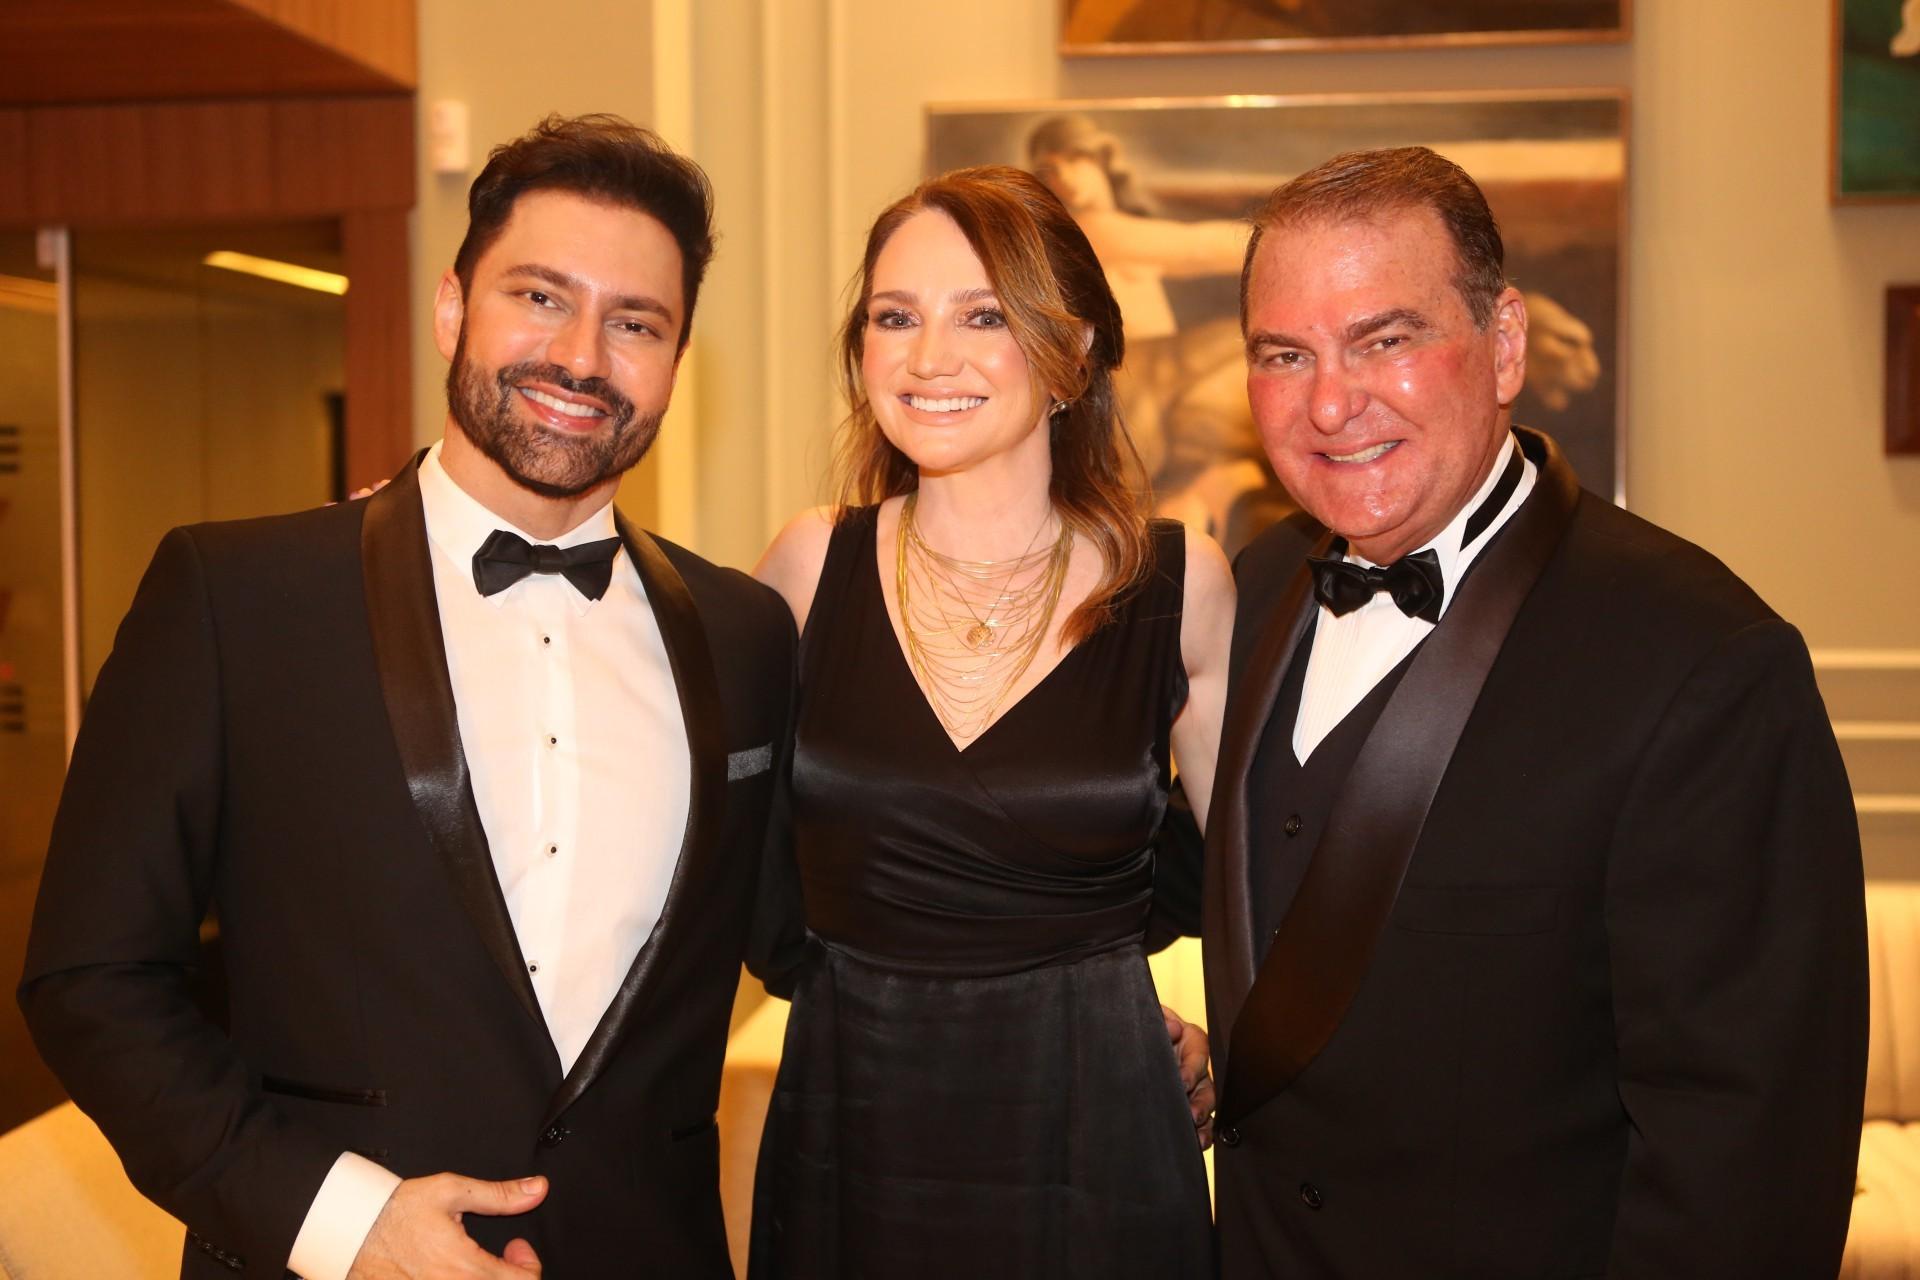 (Foto: JOÃO FILHO TAVARES)Omar Giha, Margarita Ubaldo e Jório da Escóssia